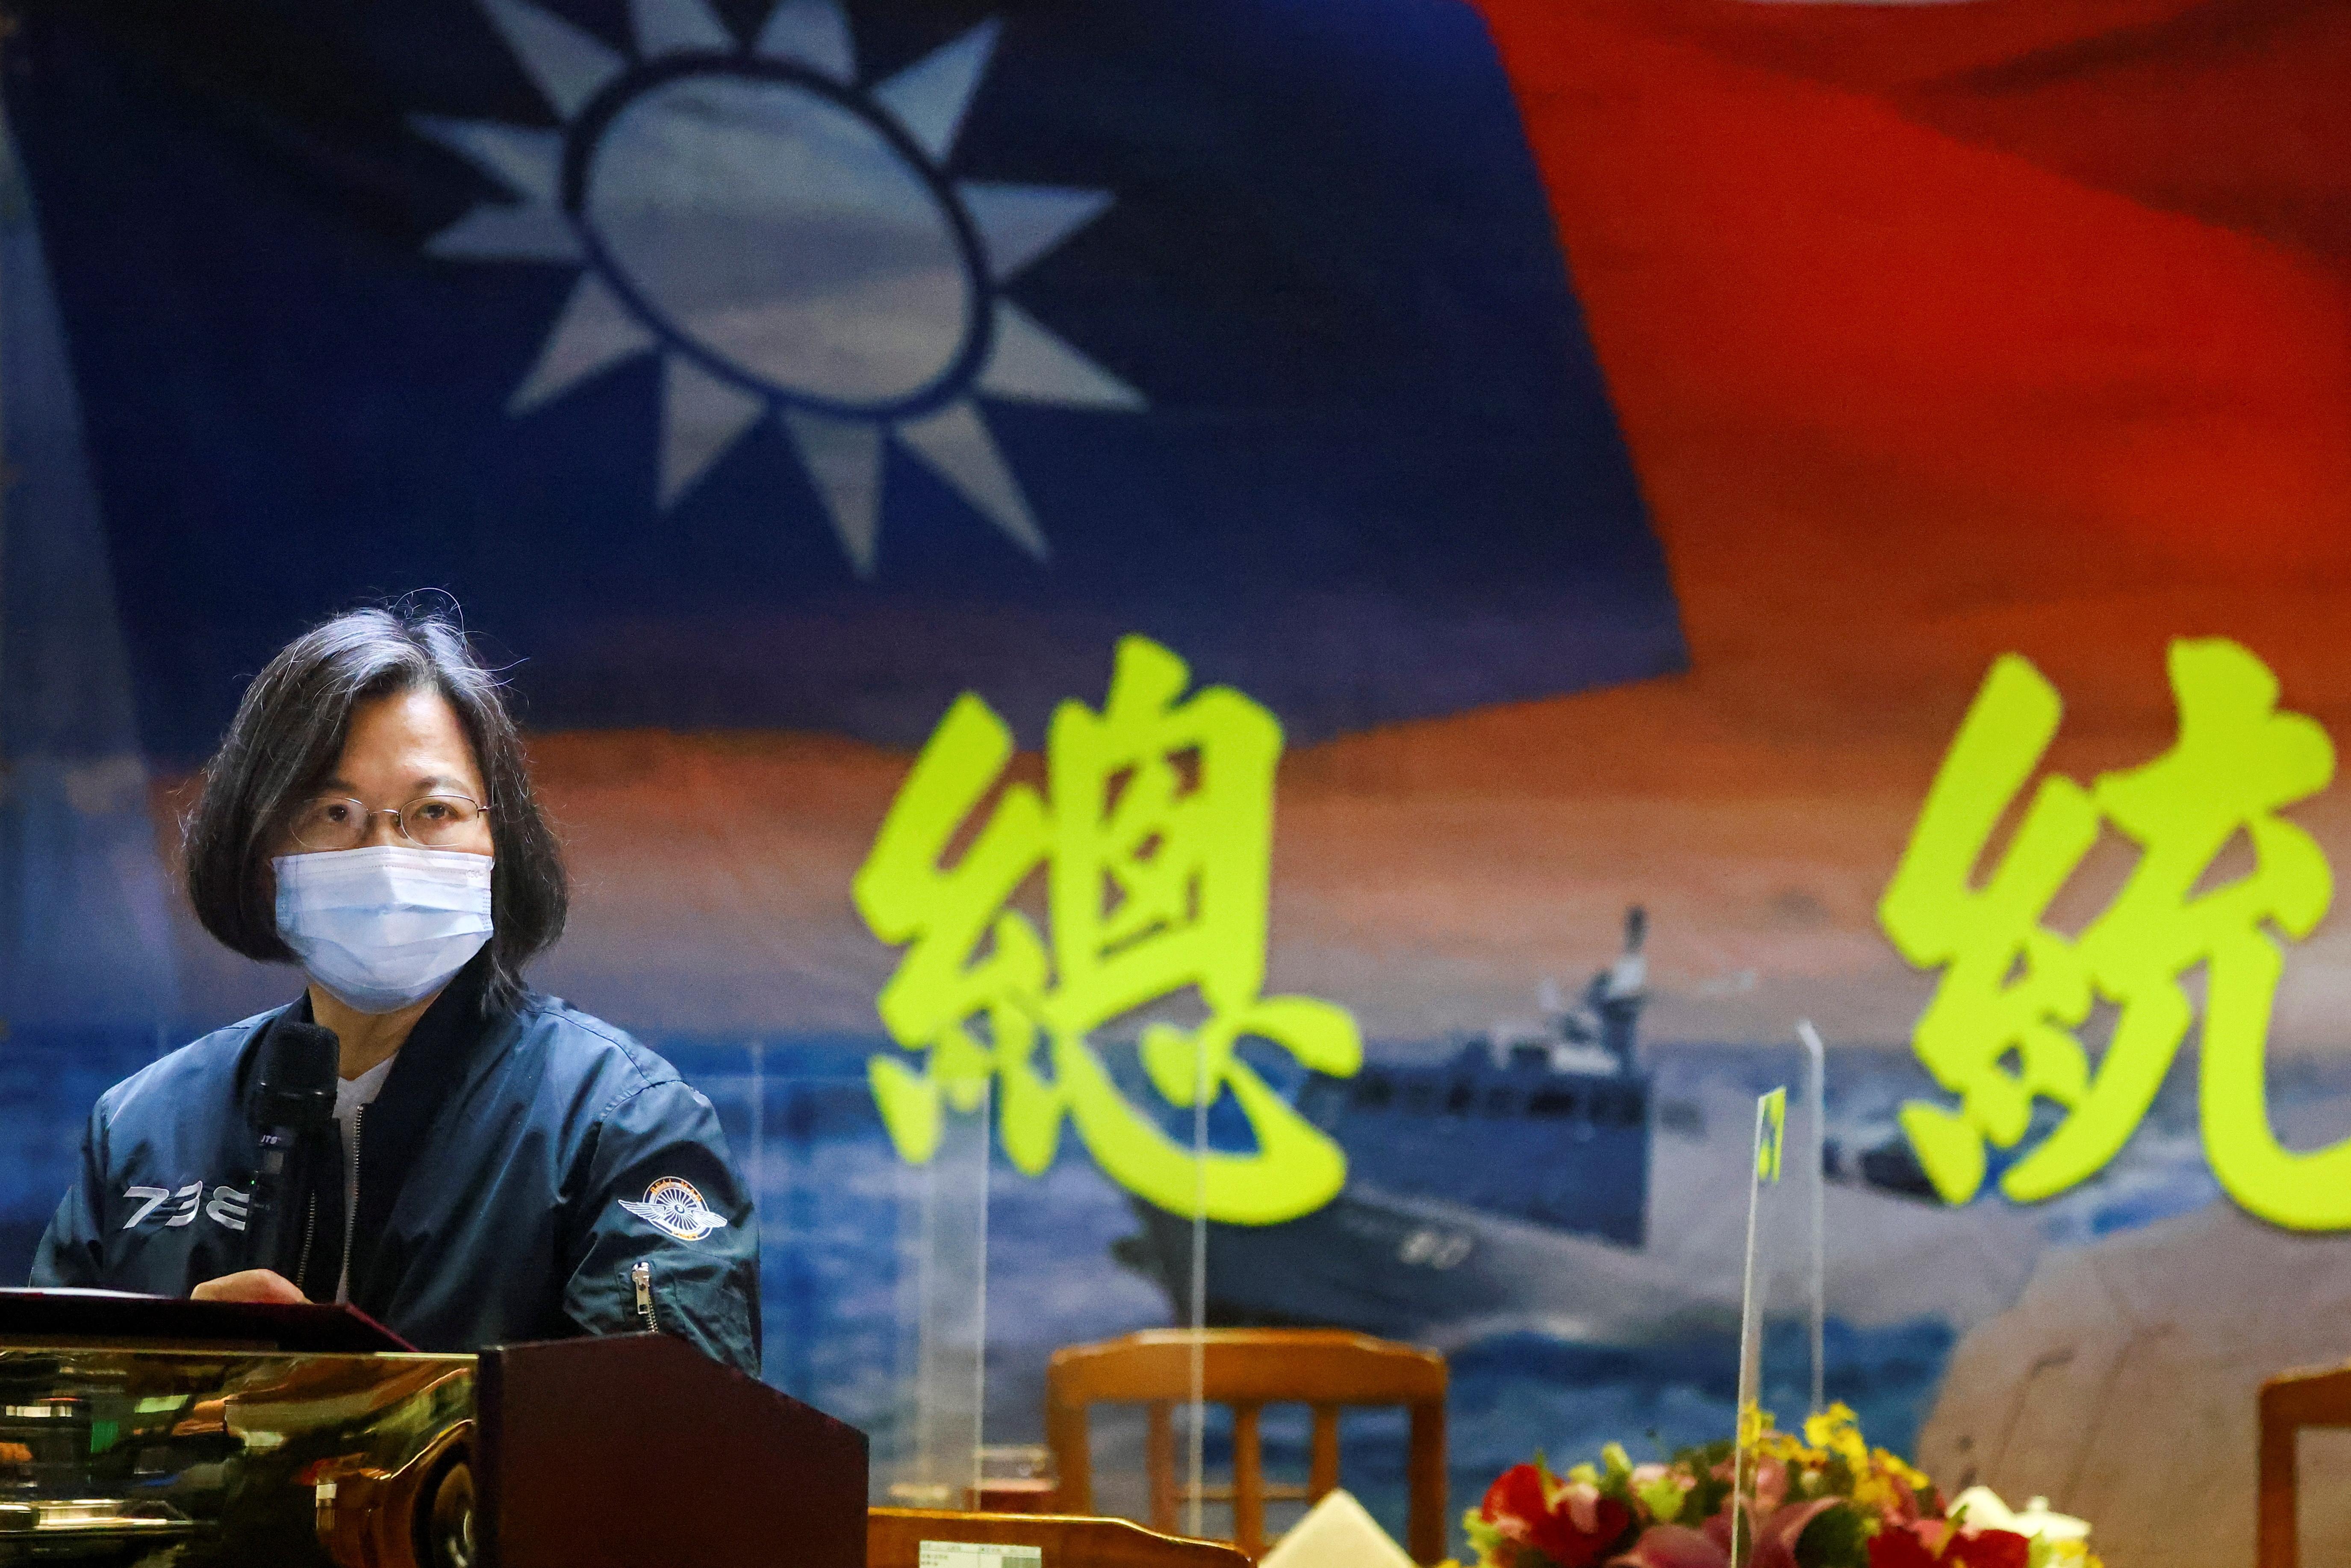 ▲▼希爾頓.葉指出,台灣軍備武器處於劣勢、危機意識不足,在面臨中國威脅未做好準備。(圖/路透社)